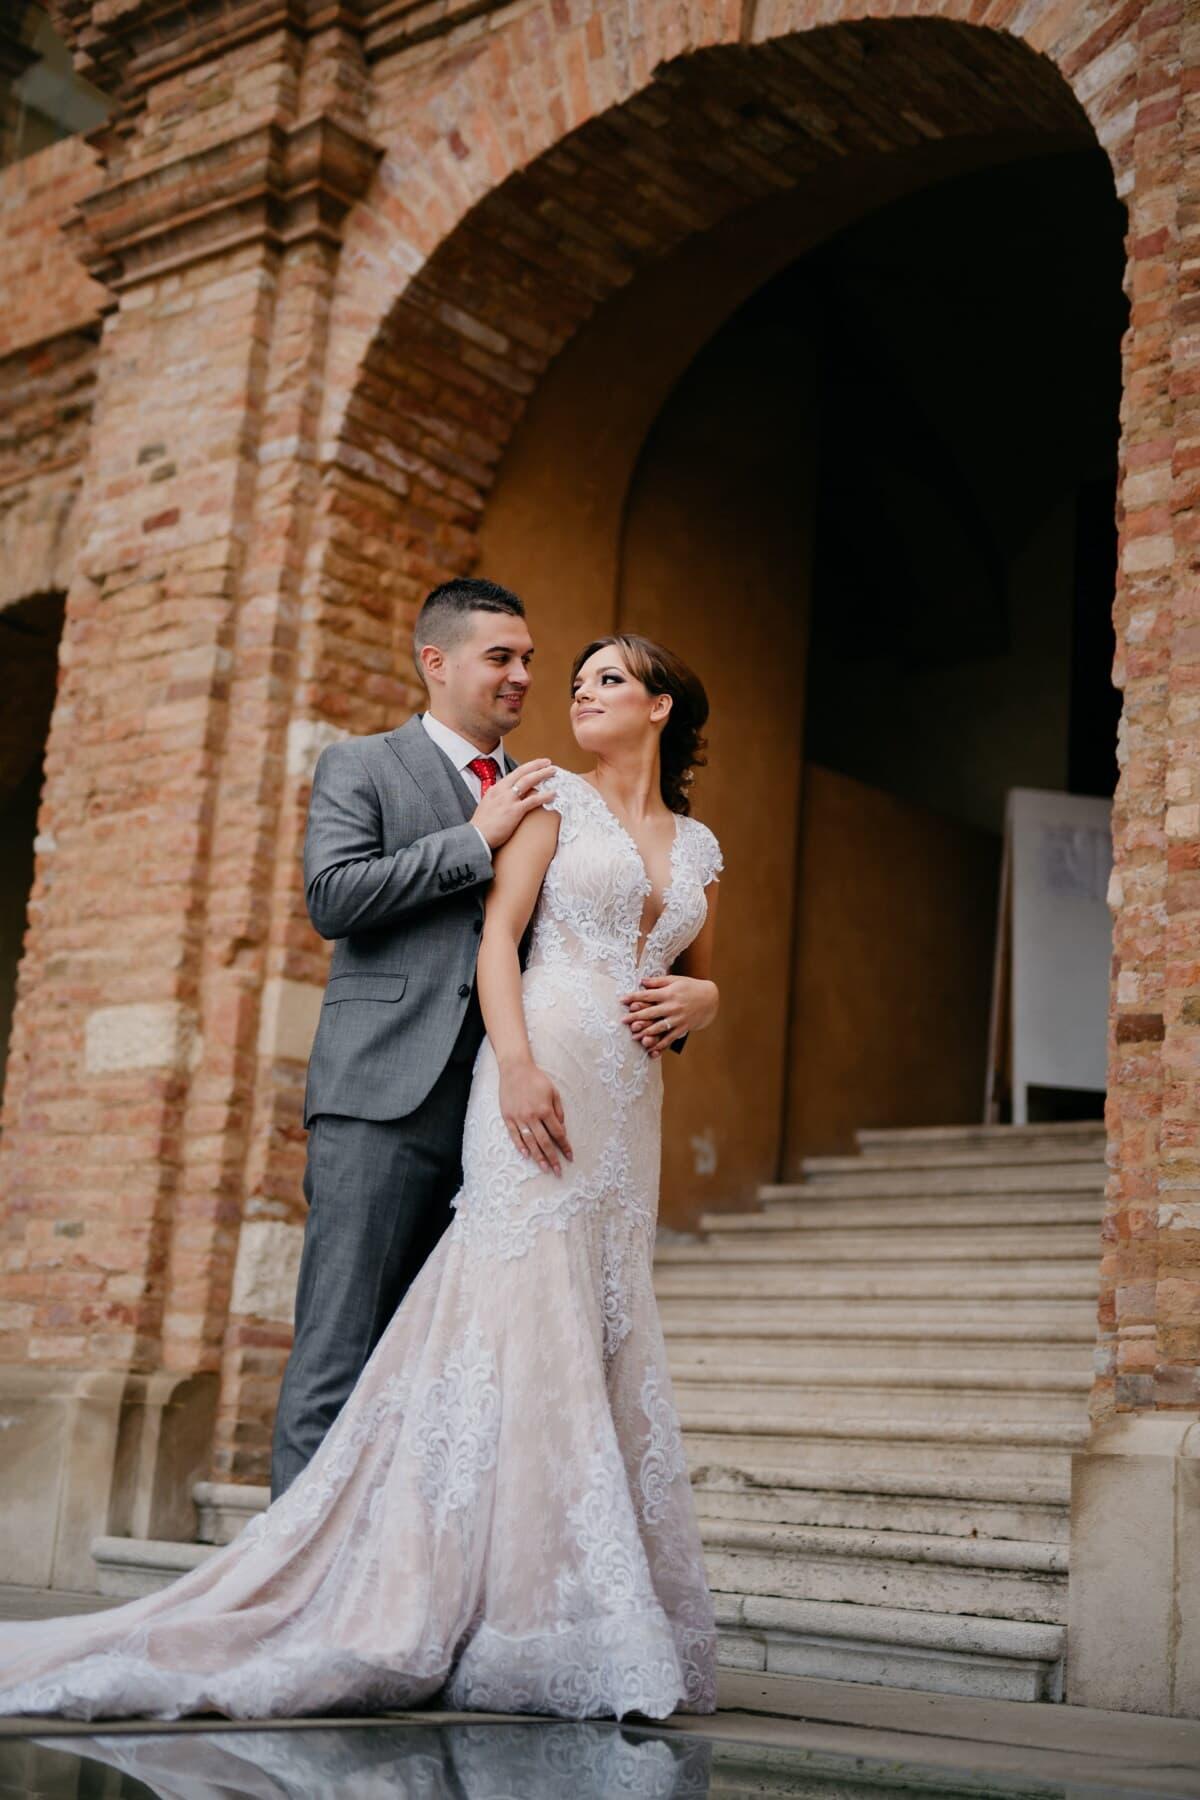 just married, bride, groom, standing, buildings, abandoned, stairway, shoulder, hand, dress